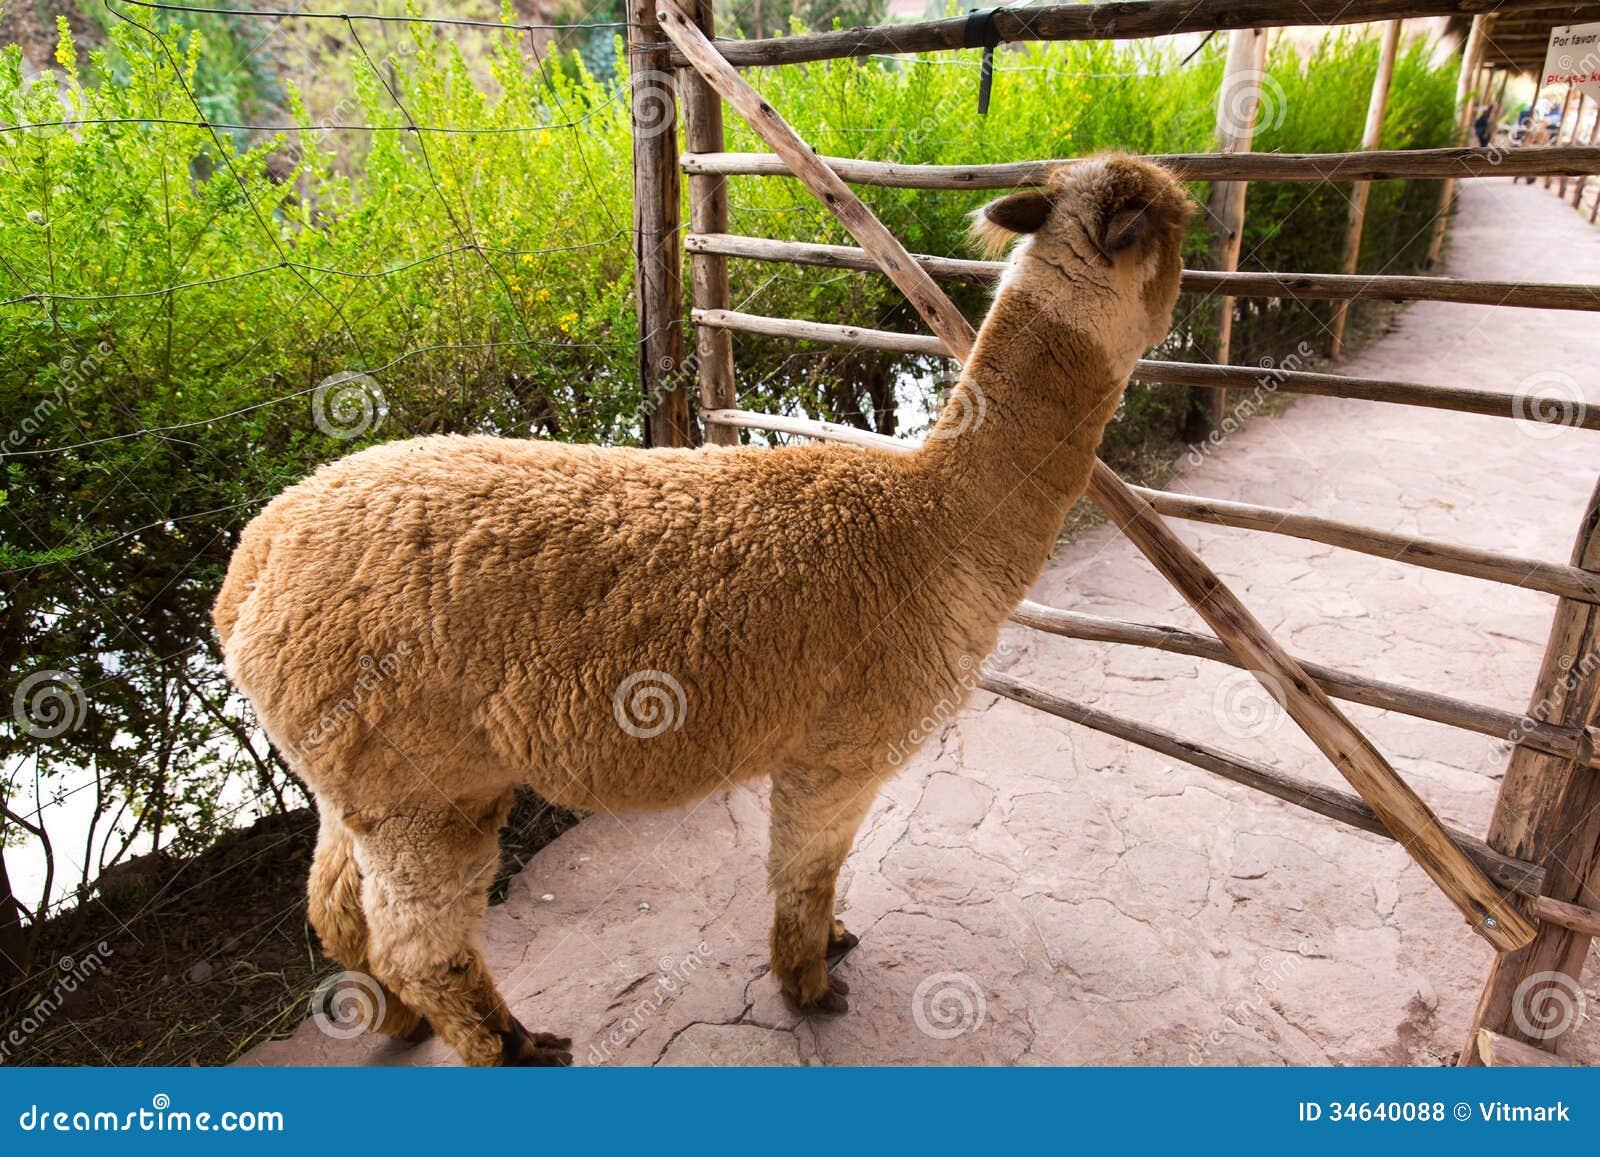 l'animal du petit loulou - 31 octobre trouvé par ginto et martin Lama-p%C3%A9ruvien-ferme-de-lama-alpaga-vigogne-au-p%C3%A9rou-am%C3%A9rique-du-sud-animal-andin-34640088